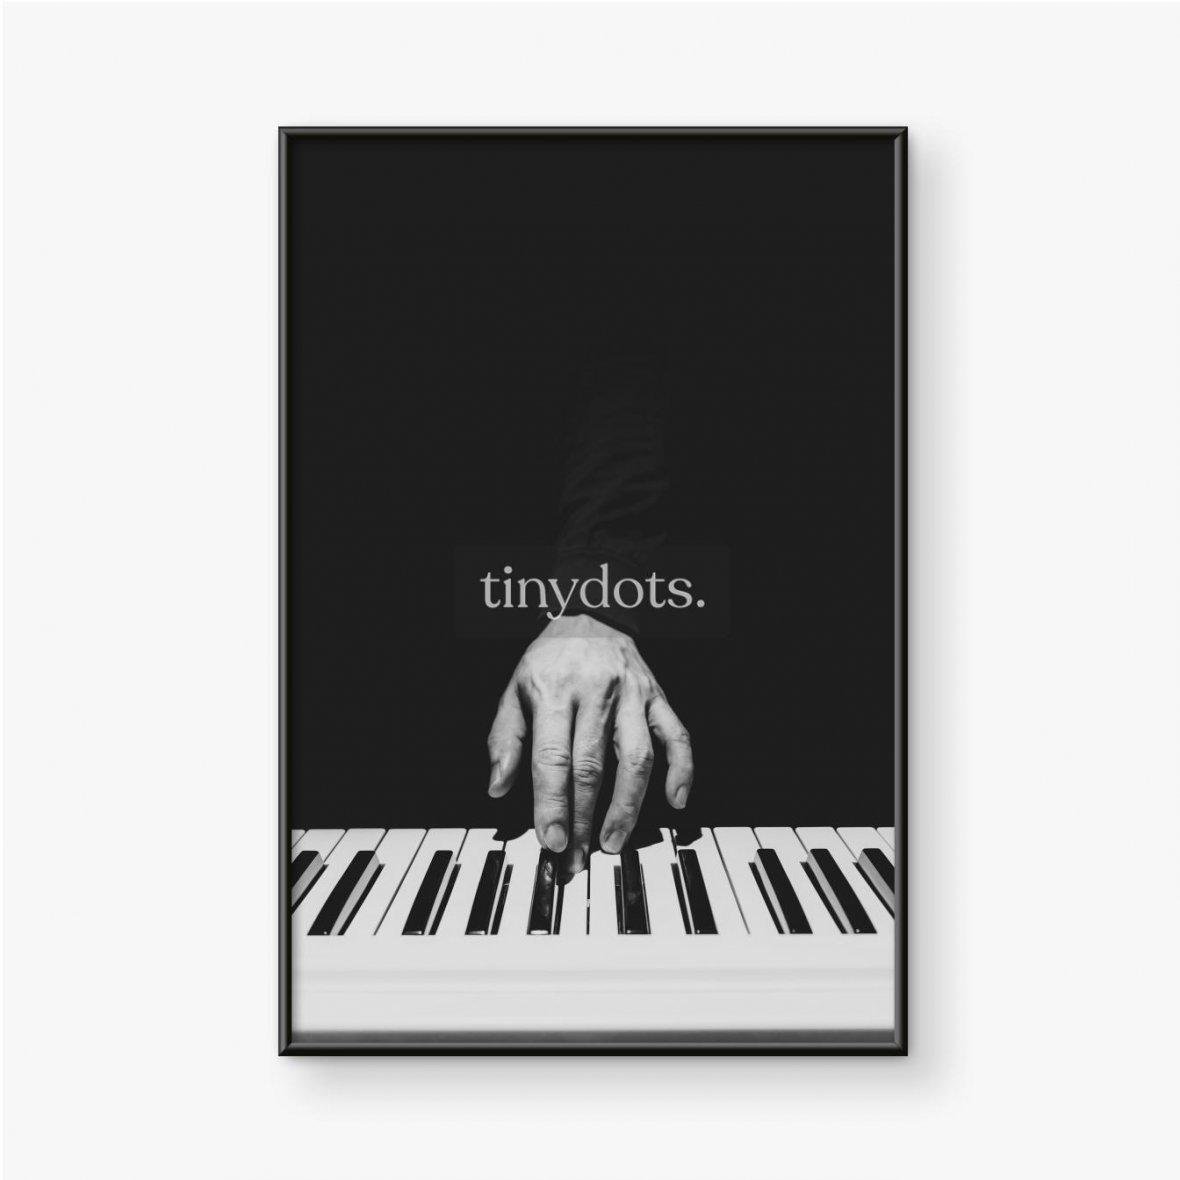 Gerahmtes Poster Musikerhand spielt auf Klaviertasten